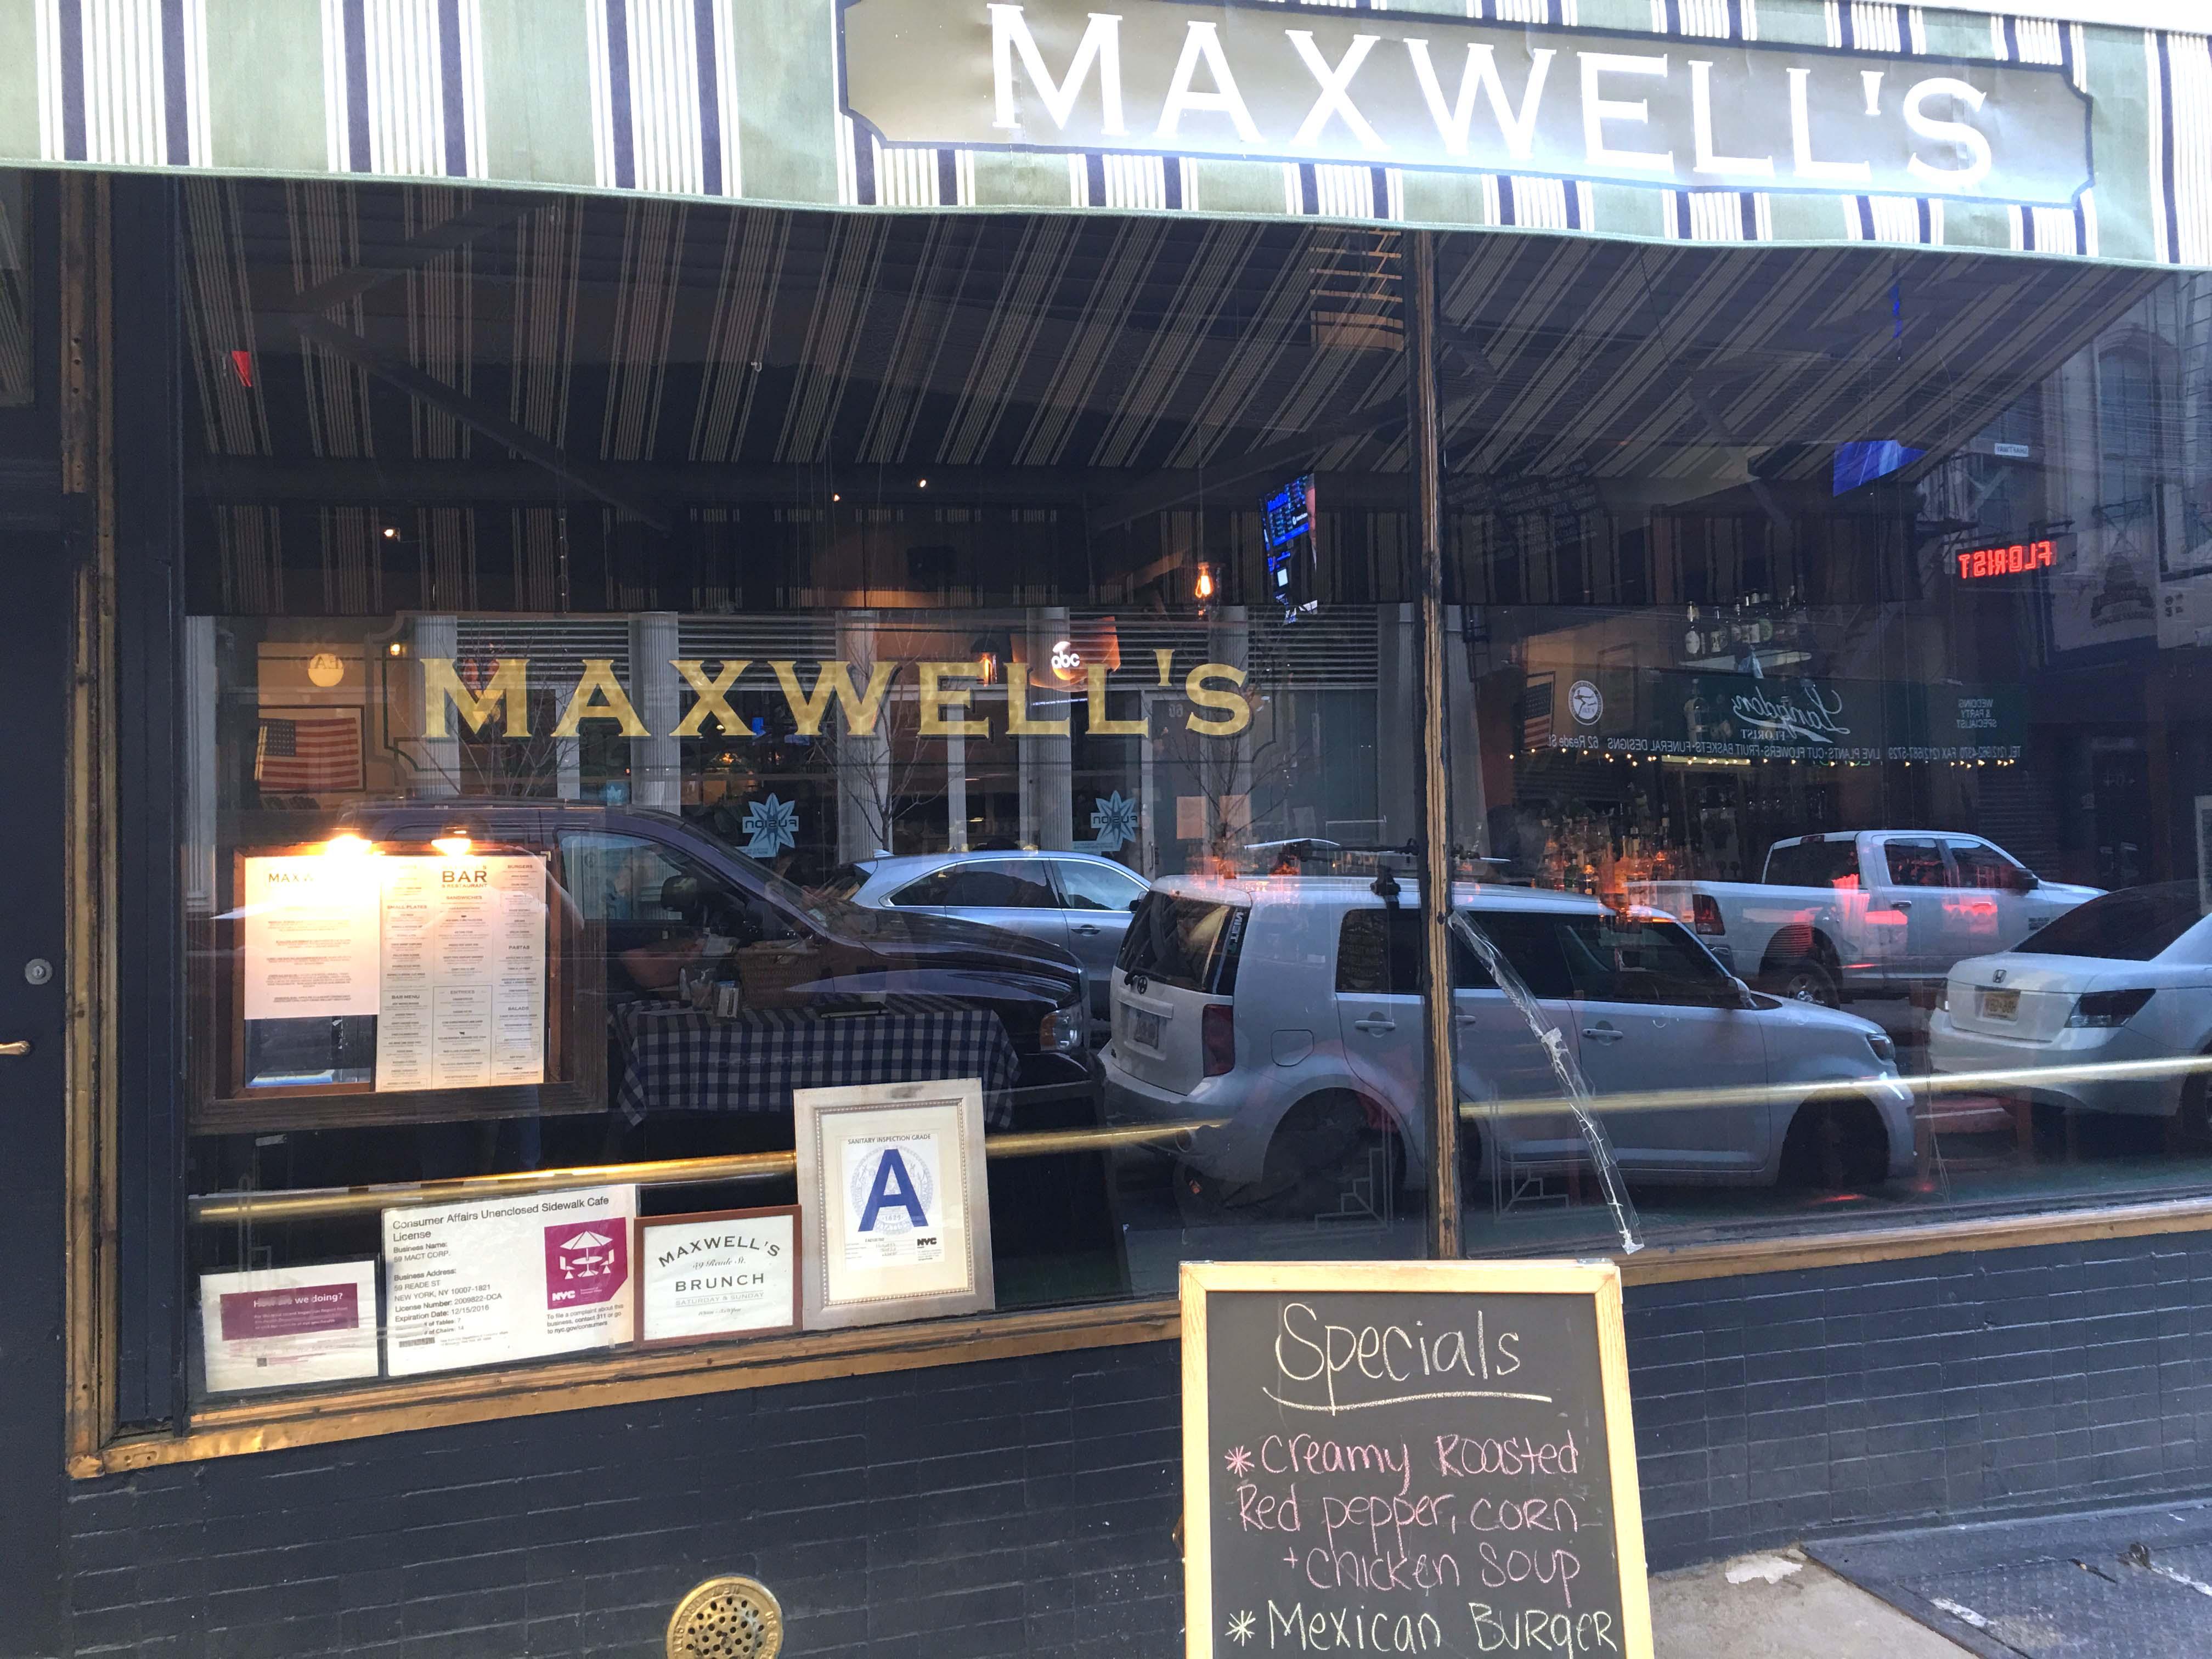 Maxwells front